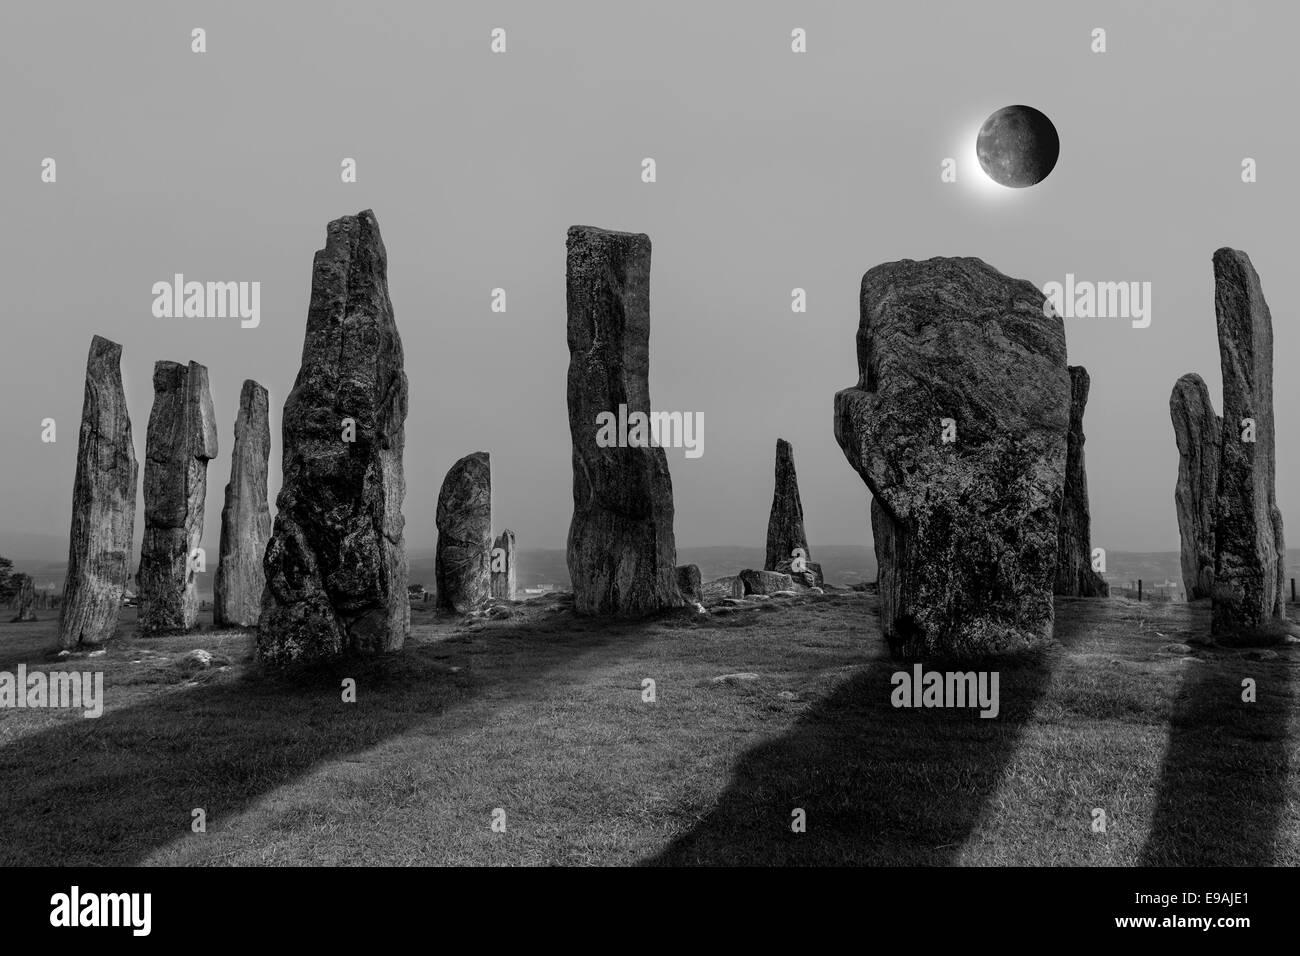 Solar Eclipse and the Callanish Stone Circle, Isle of Lewis Hebrides Scotland UK - Stock Image